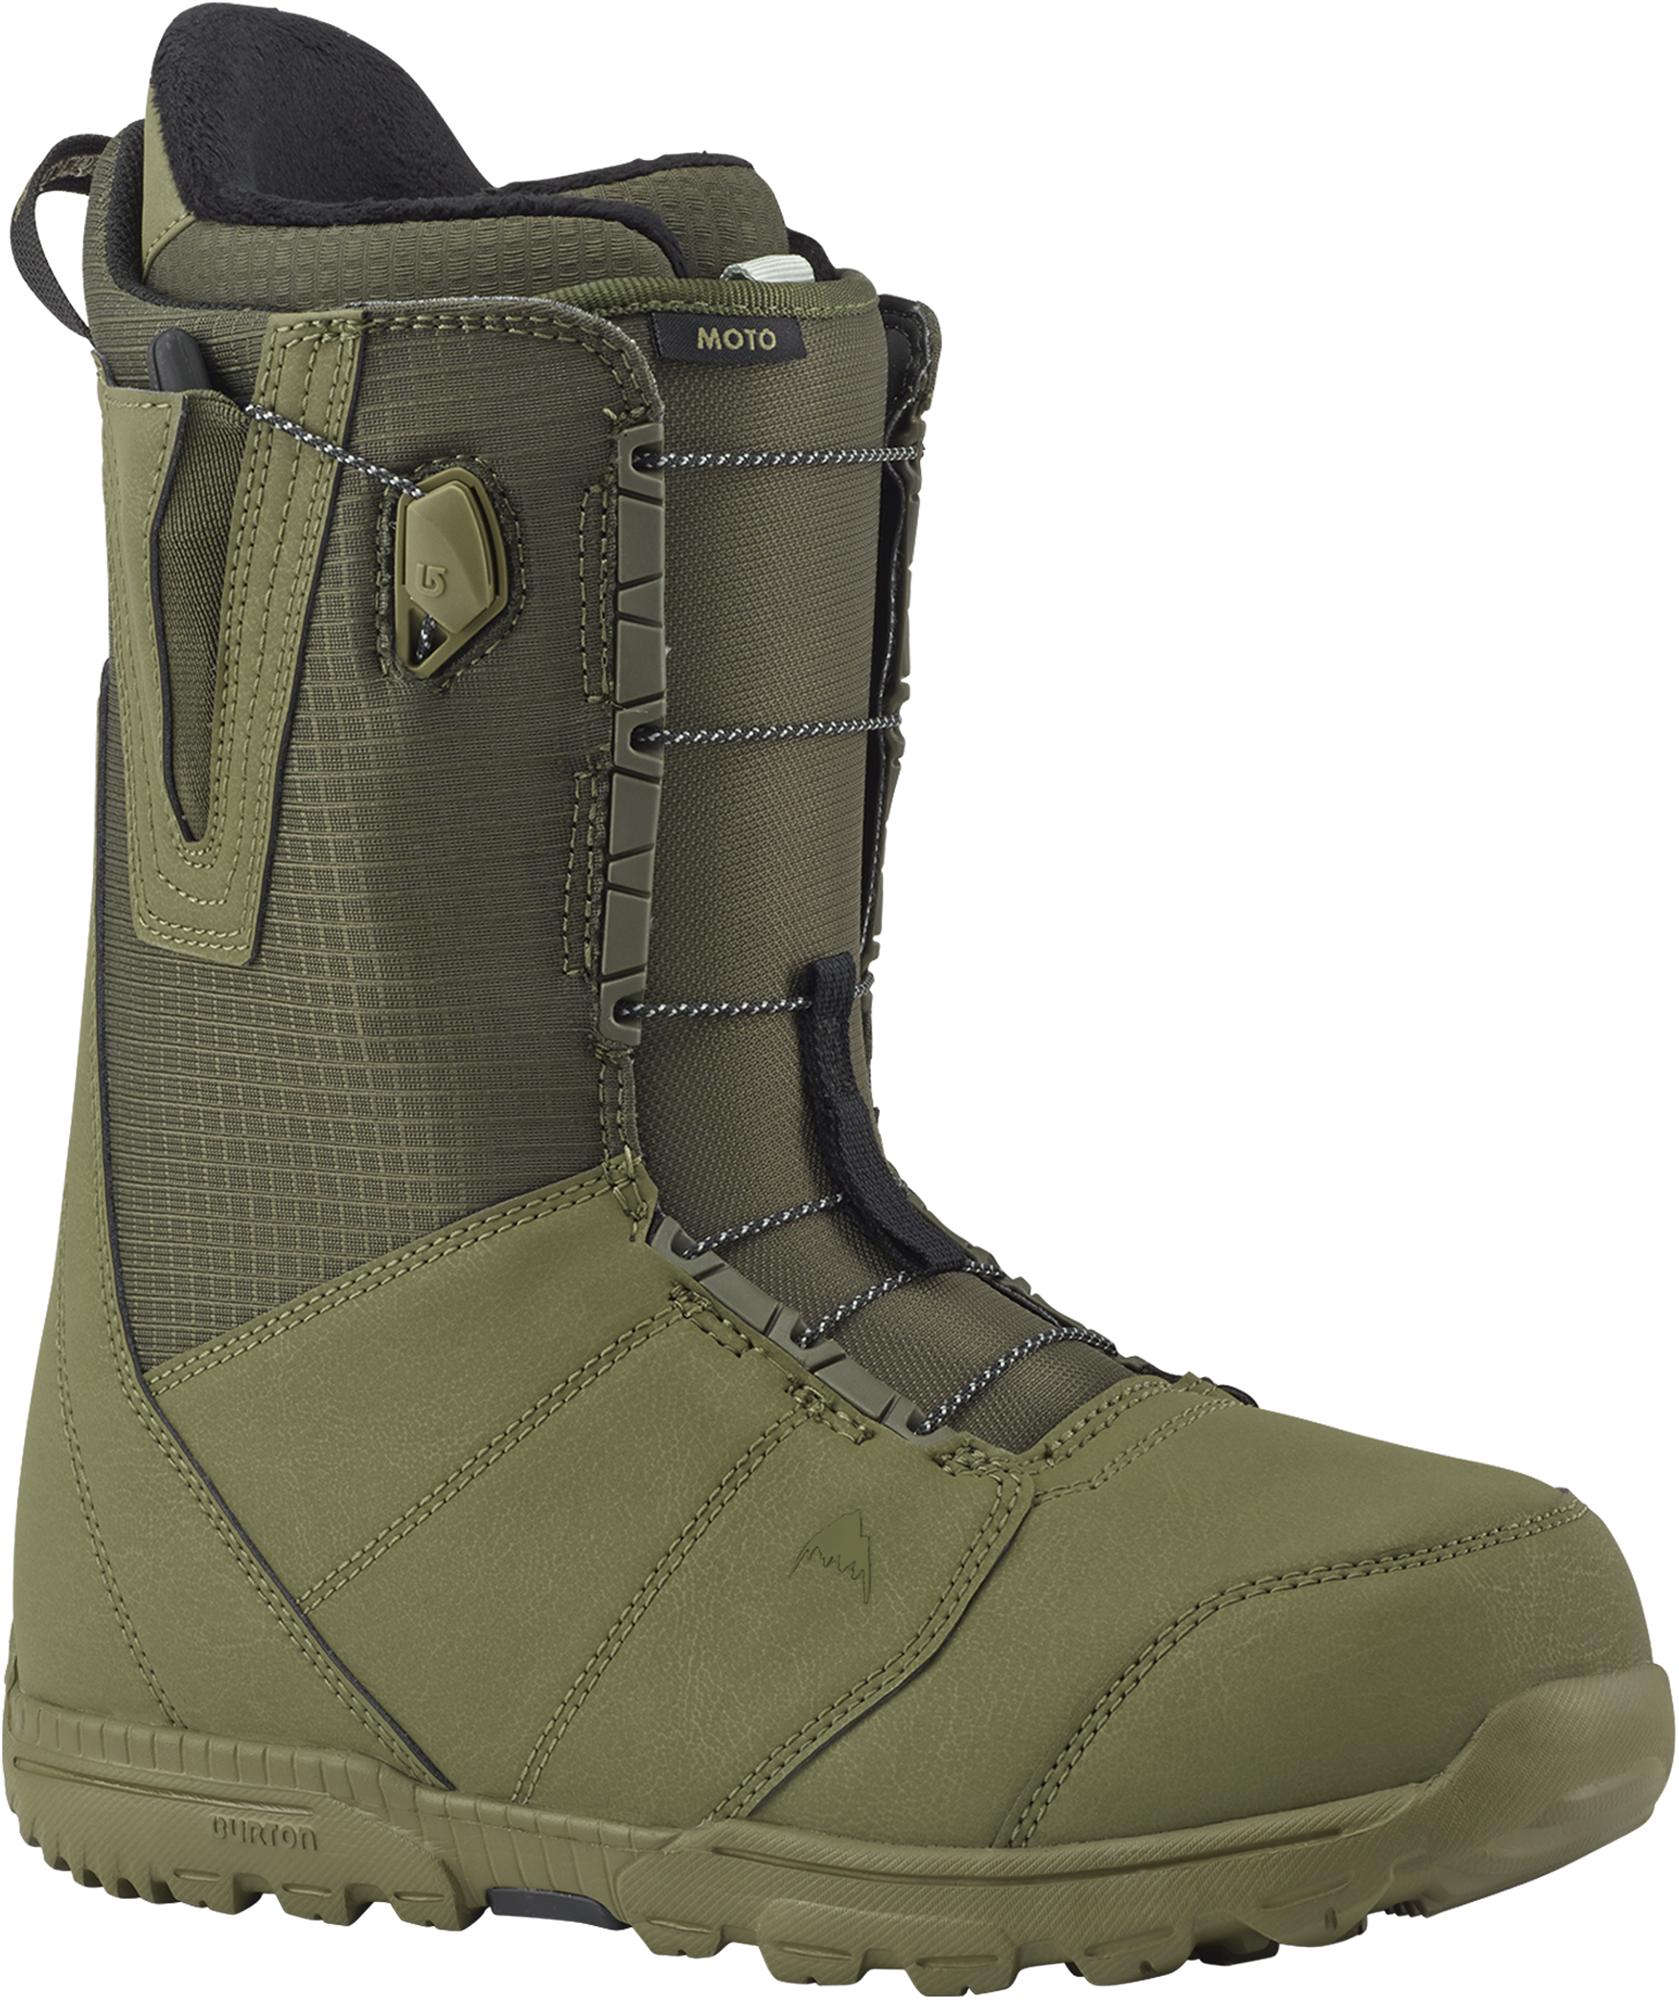 Burton Сноубордические ботинки Moto, размер 40,5